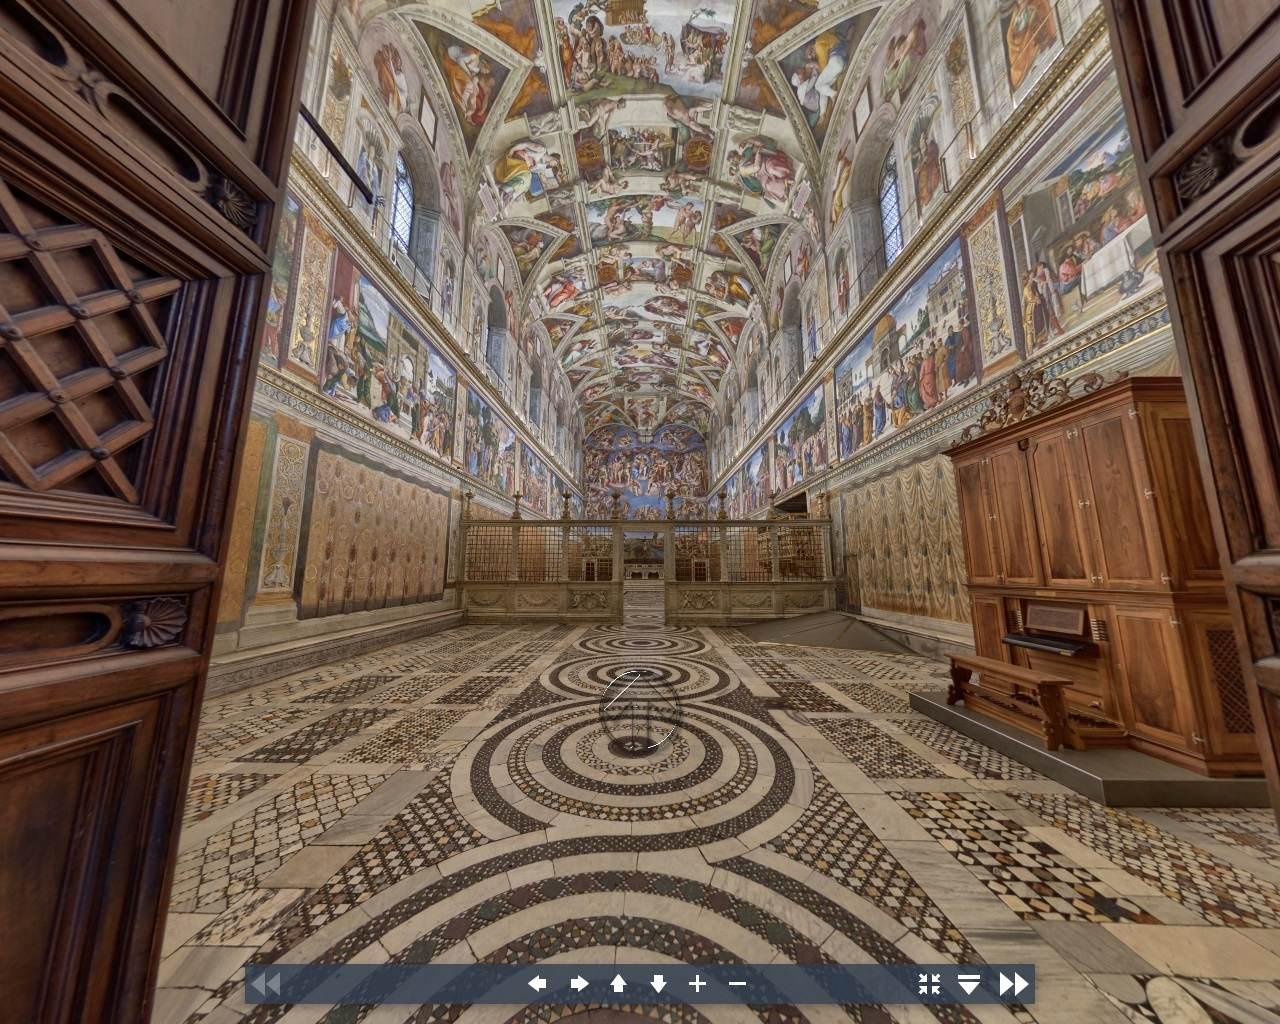 Museu do vaticano - Capela Sistina